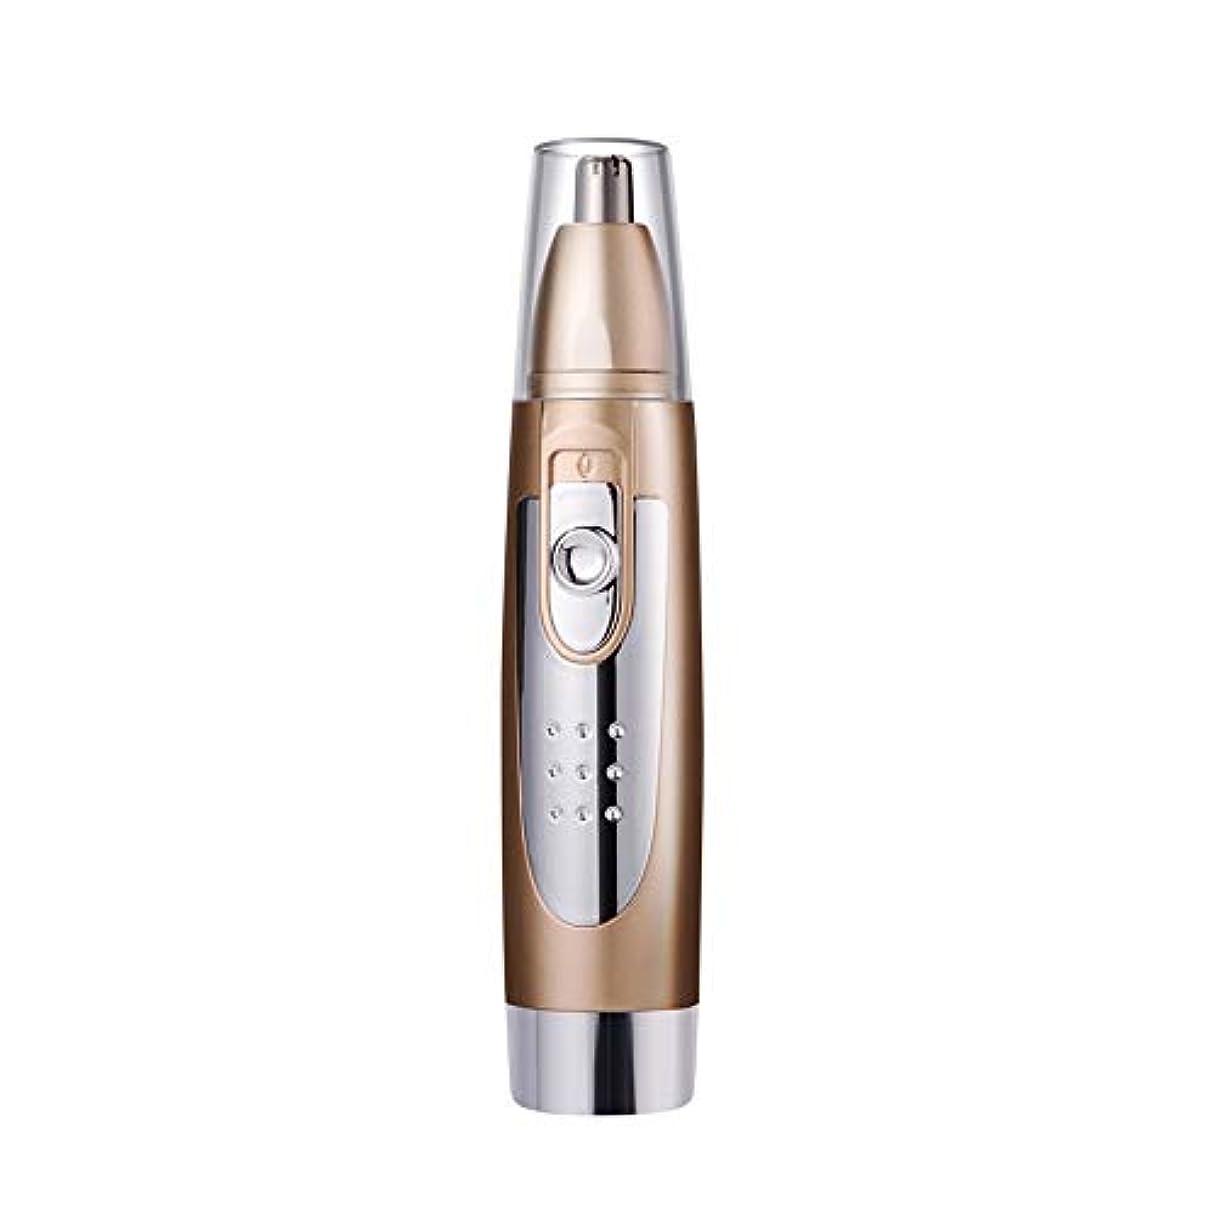 レトルト縞模様の忌まわしいノーズヘアトリマー-カッターヘッドウォッシャブル/三次元曲面カッターヘッドデザイン/ 360°立体ノーズヘア/ 135mm 持つ価値があります